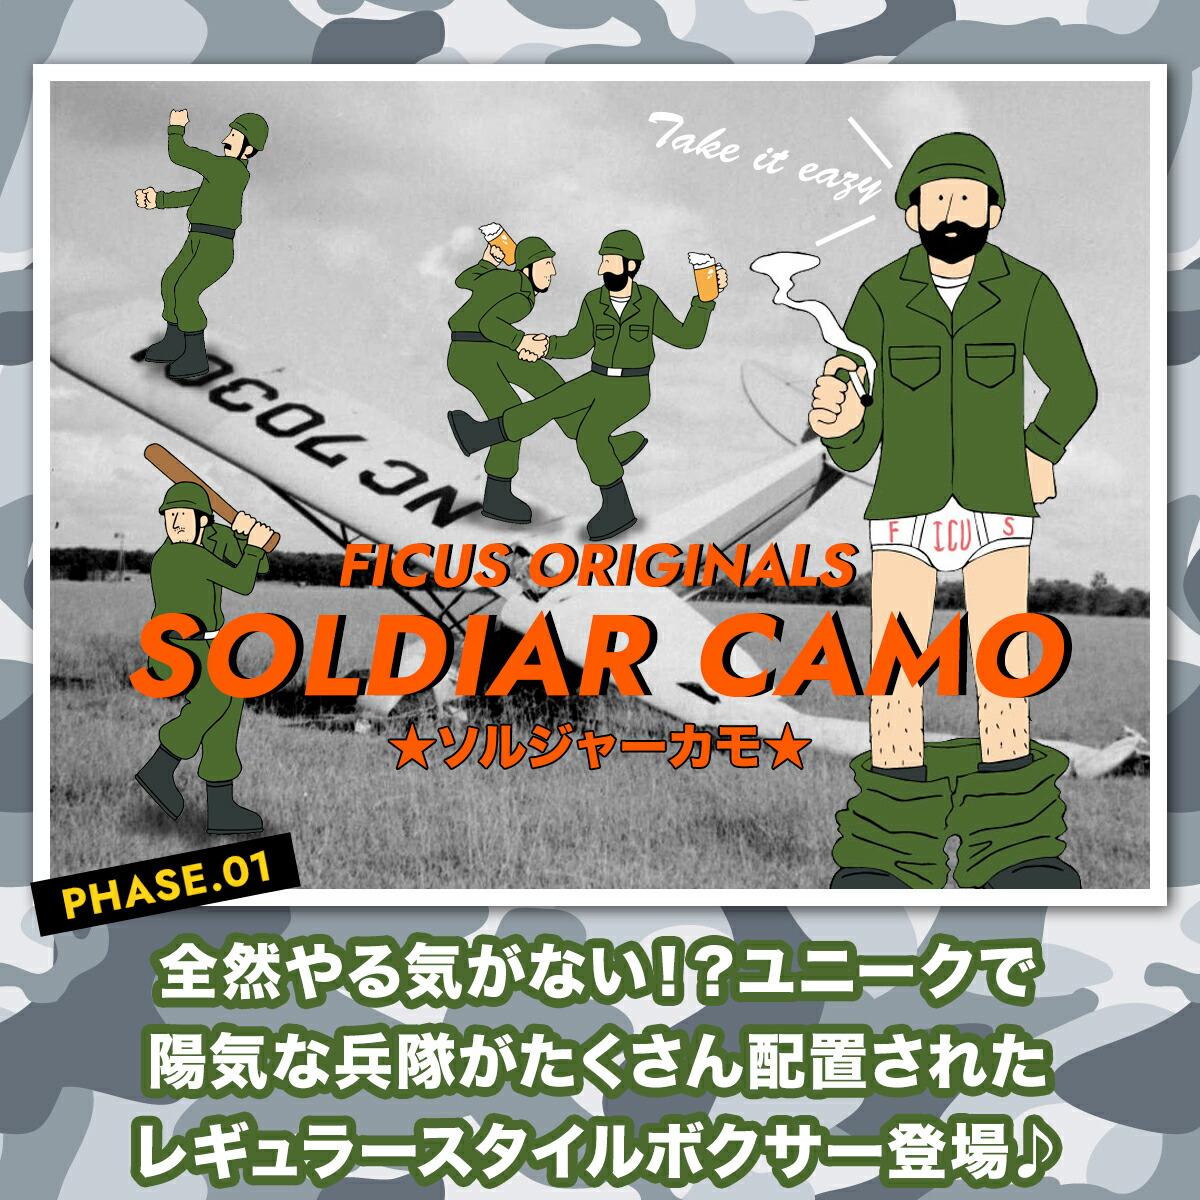 FICUS フィークス soldier camo イメージ画像